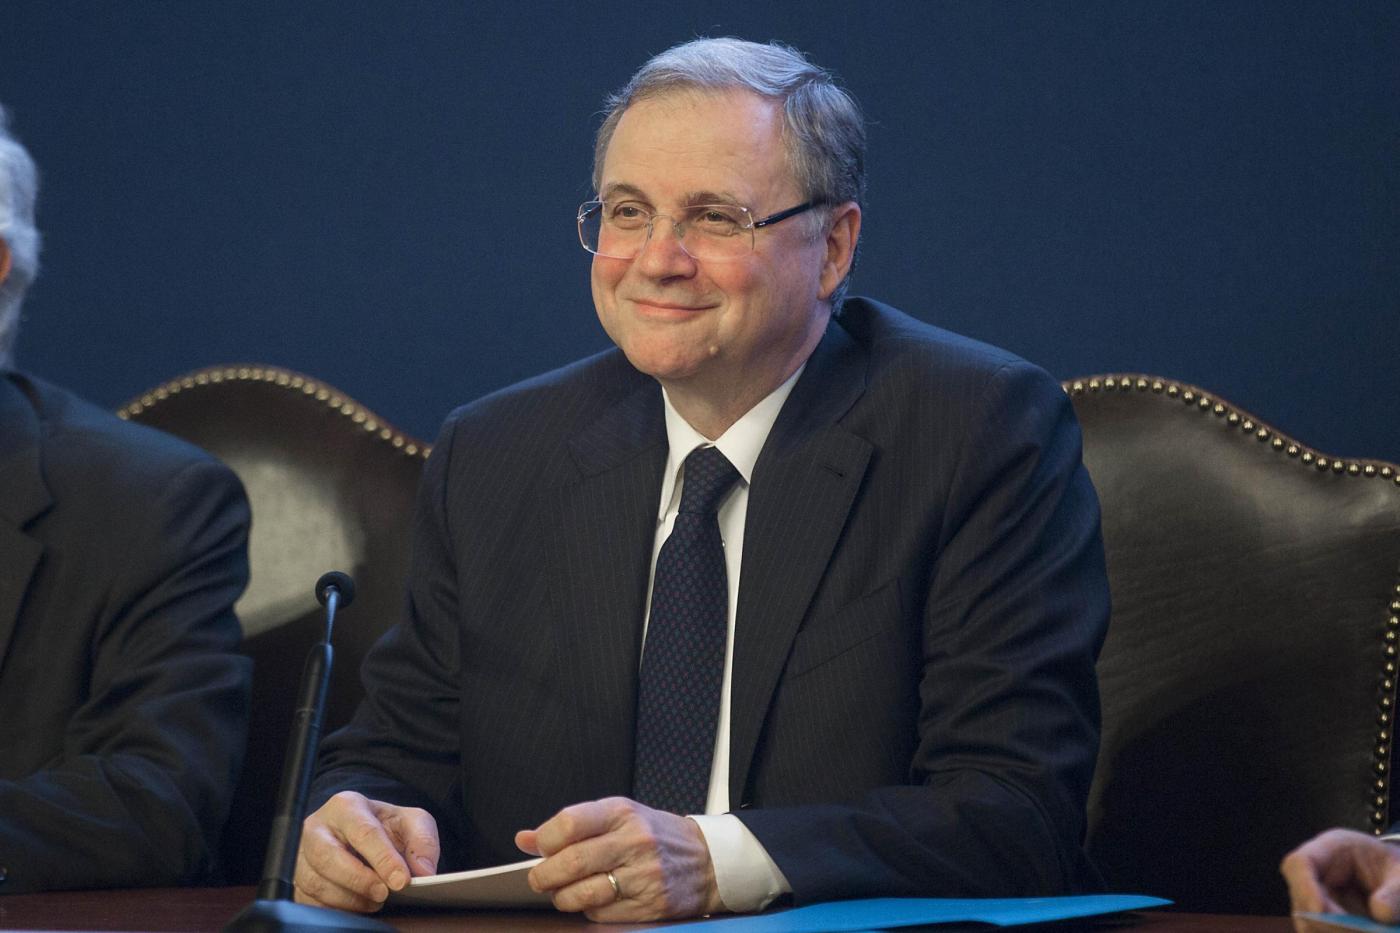 Relazione annuale della Banca d'Italia